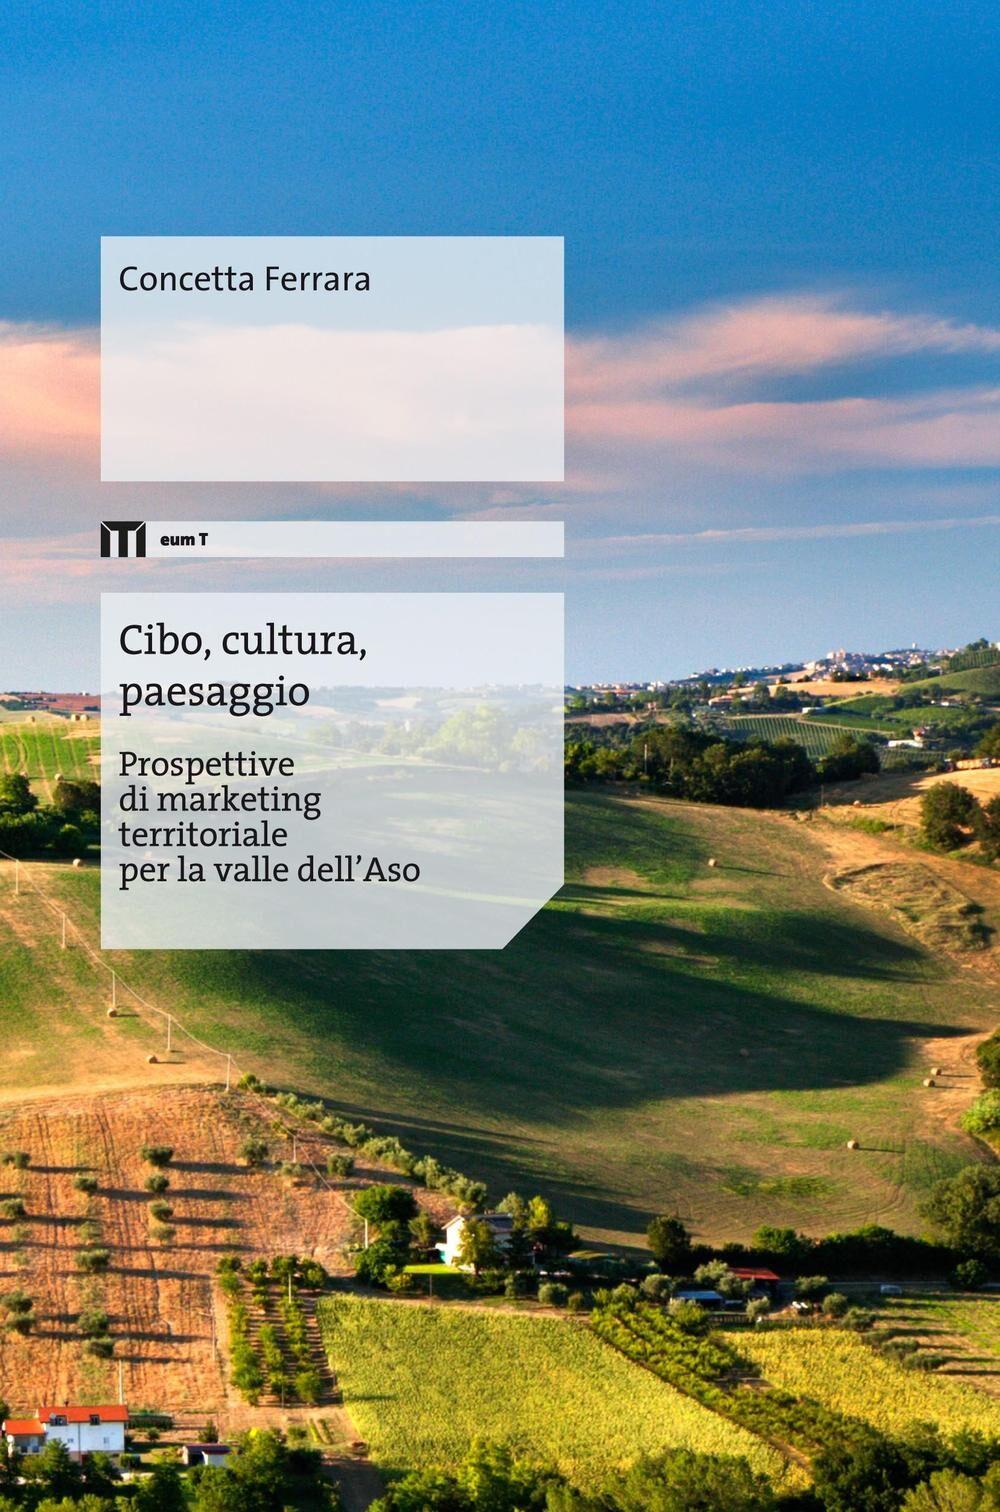 Cibo, cultura, paesaggio. Prospettive di marketing territoriale per la valle dell'Aso